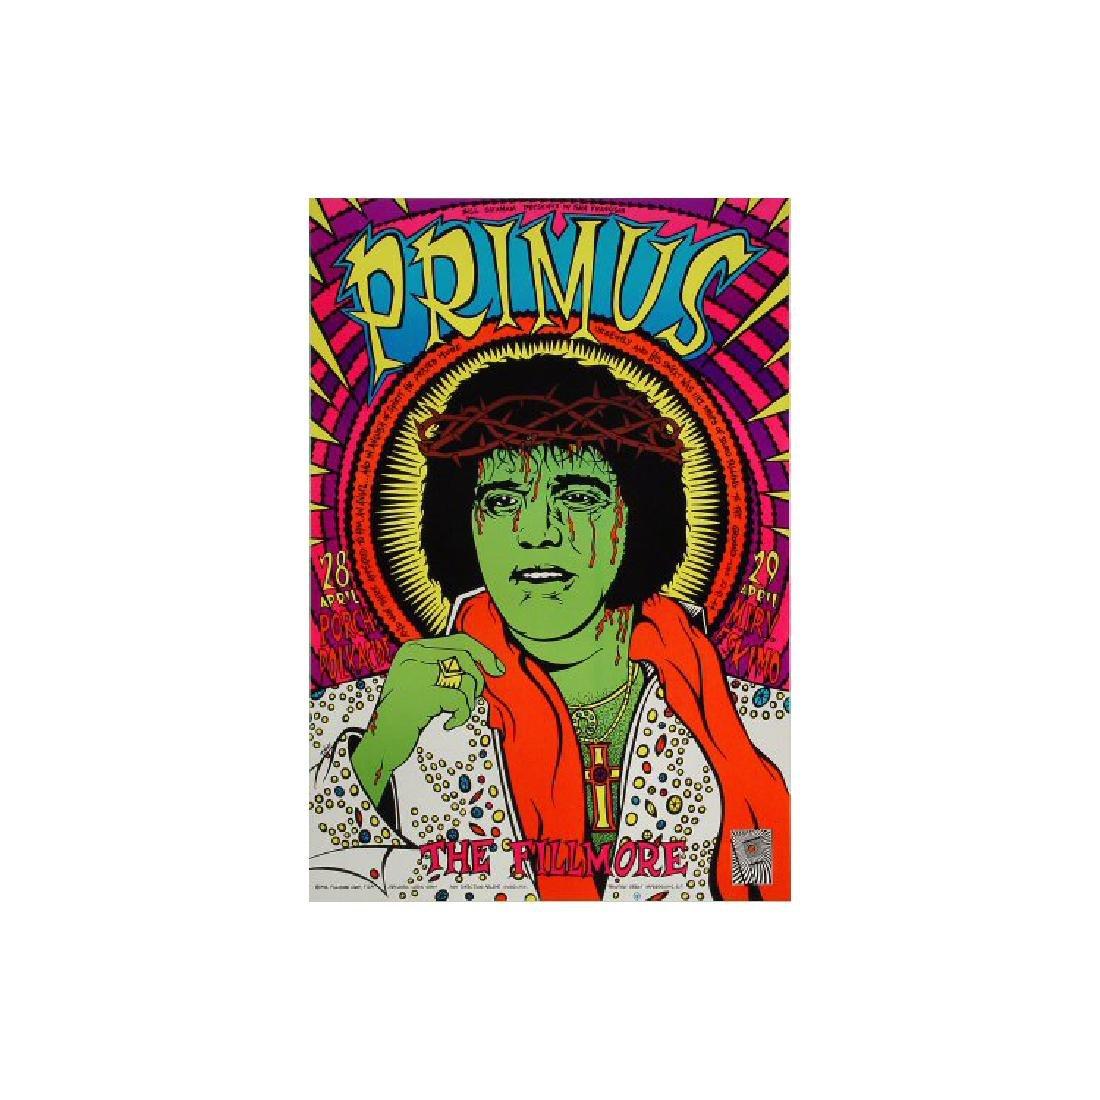 Primus - 1994 Concert Poster